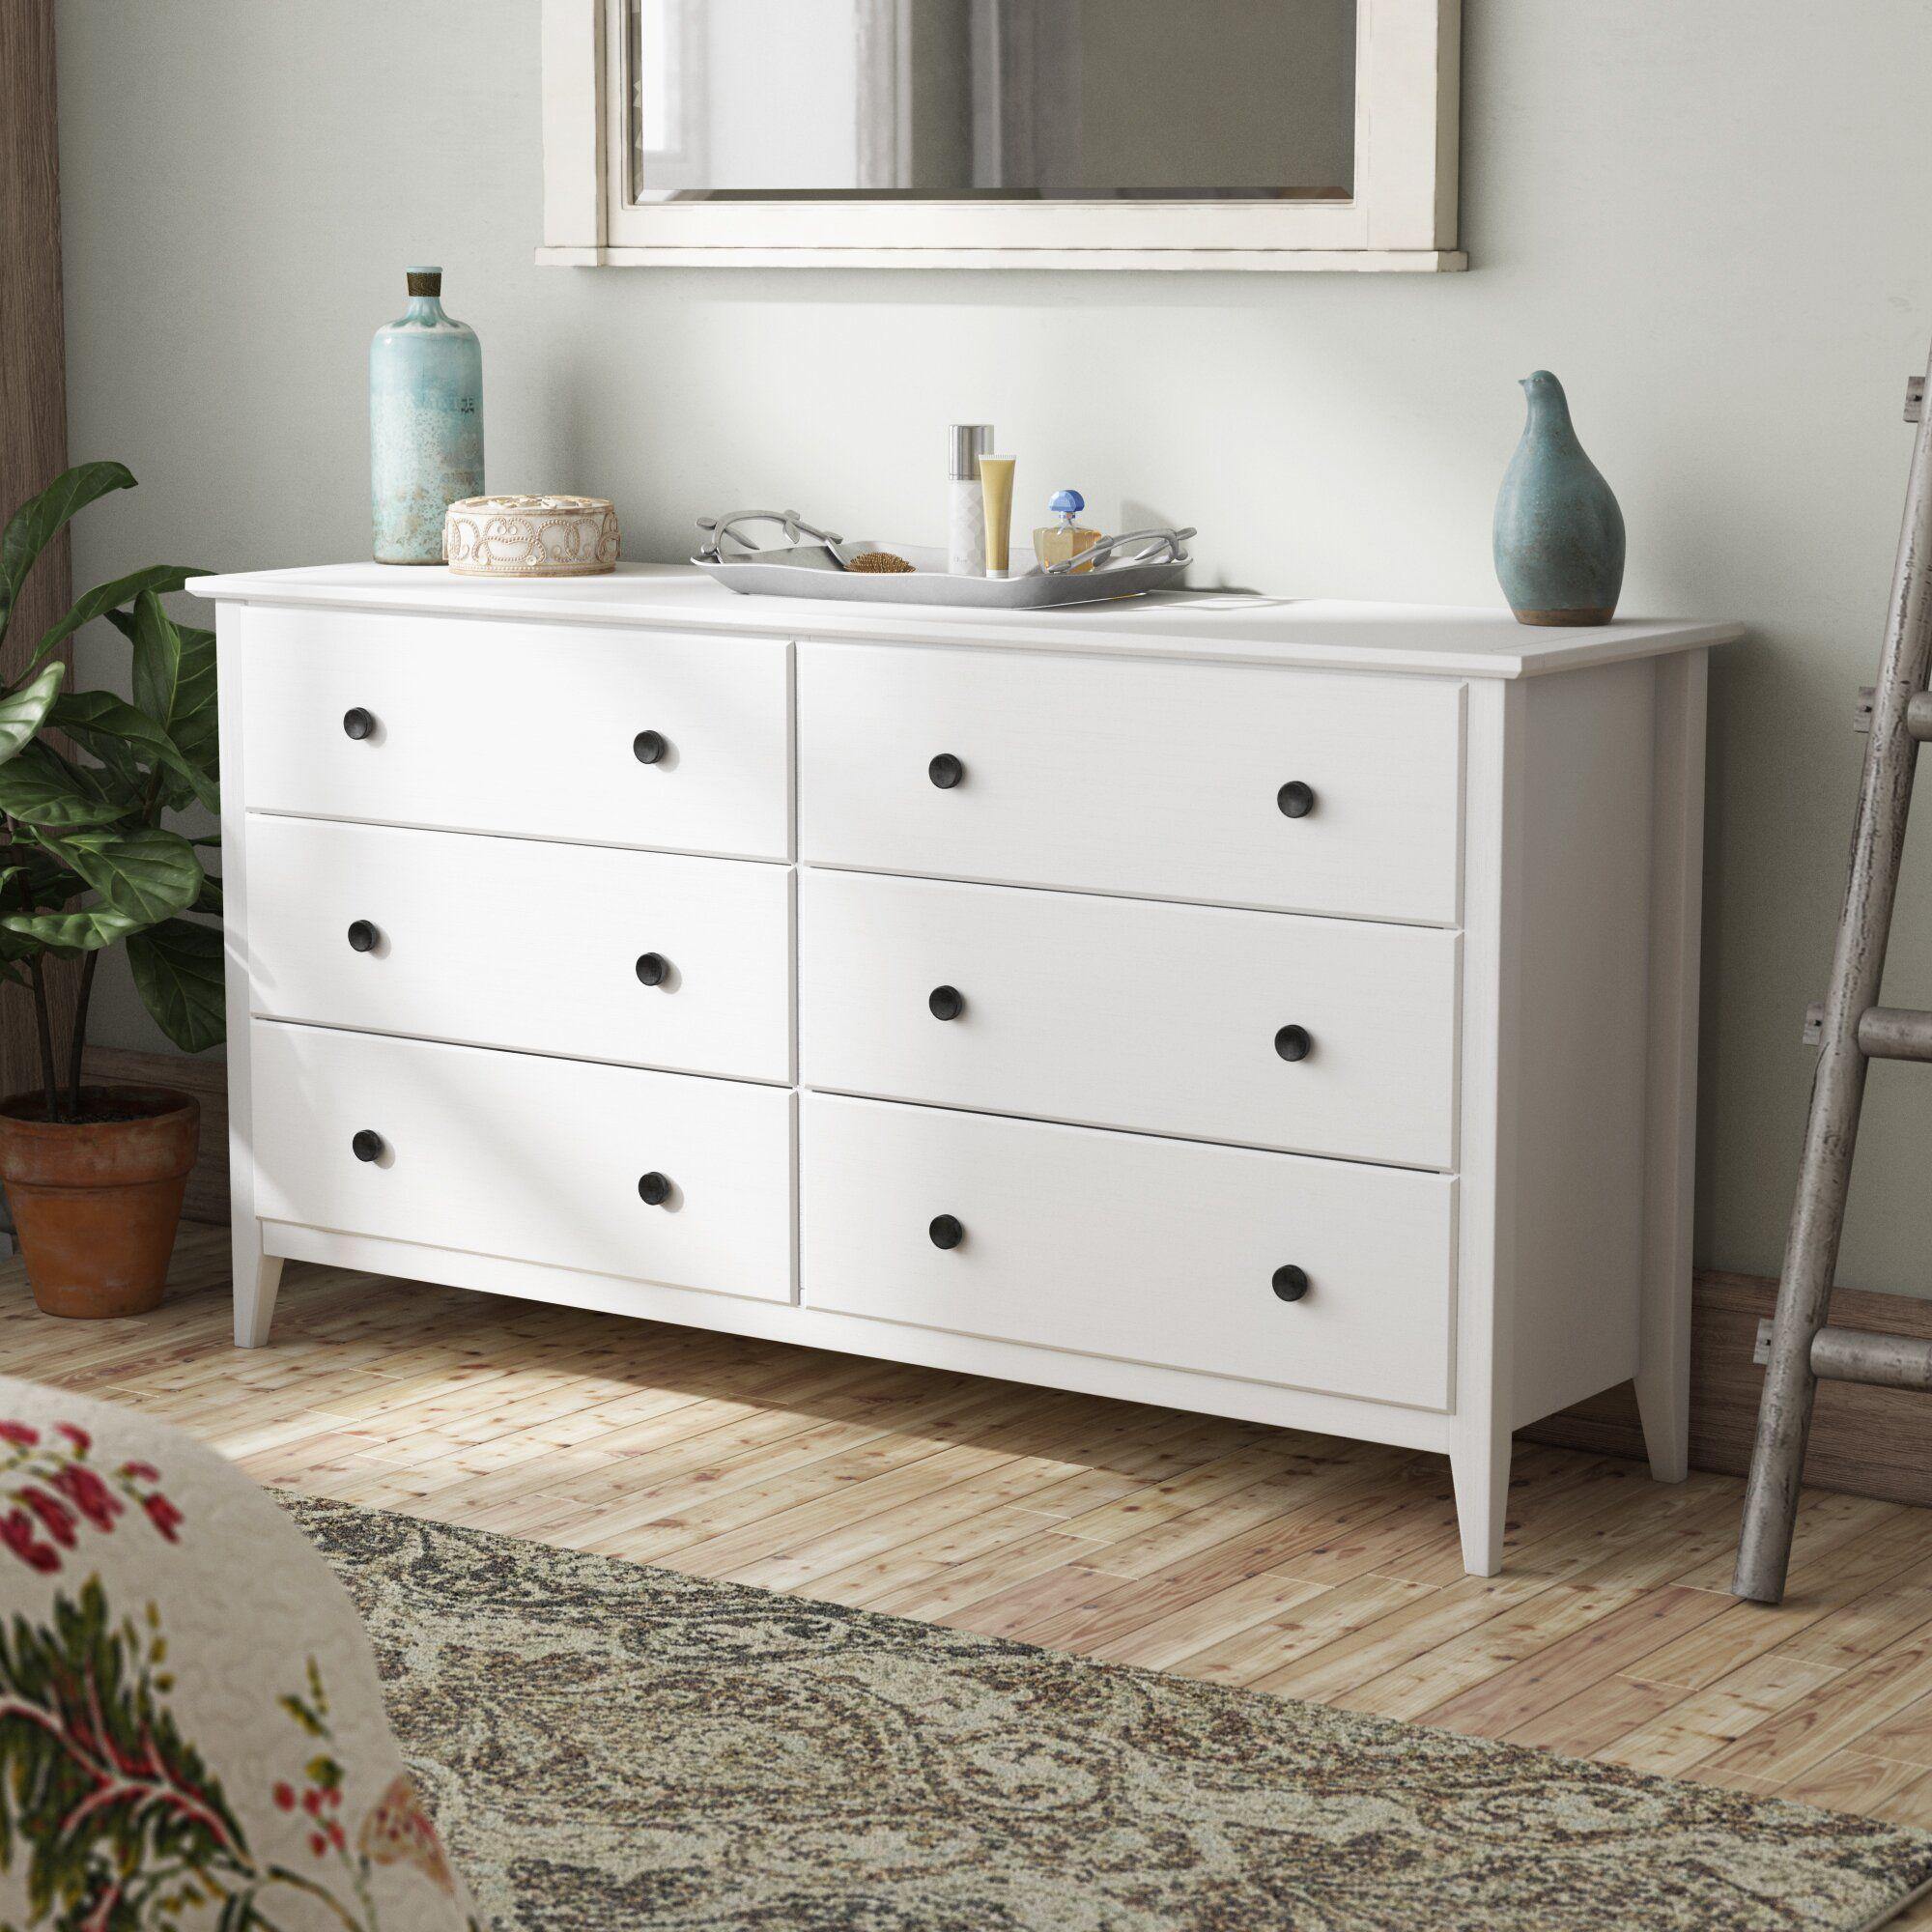 Greenport 6 Drawer Double Dresser Double Dresser Furniture Platform Bedroom Sets [ 2000 x 2000 Pixel ]